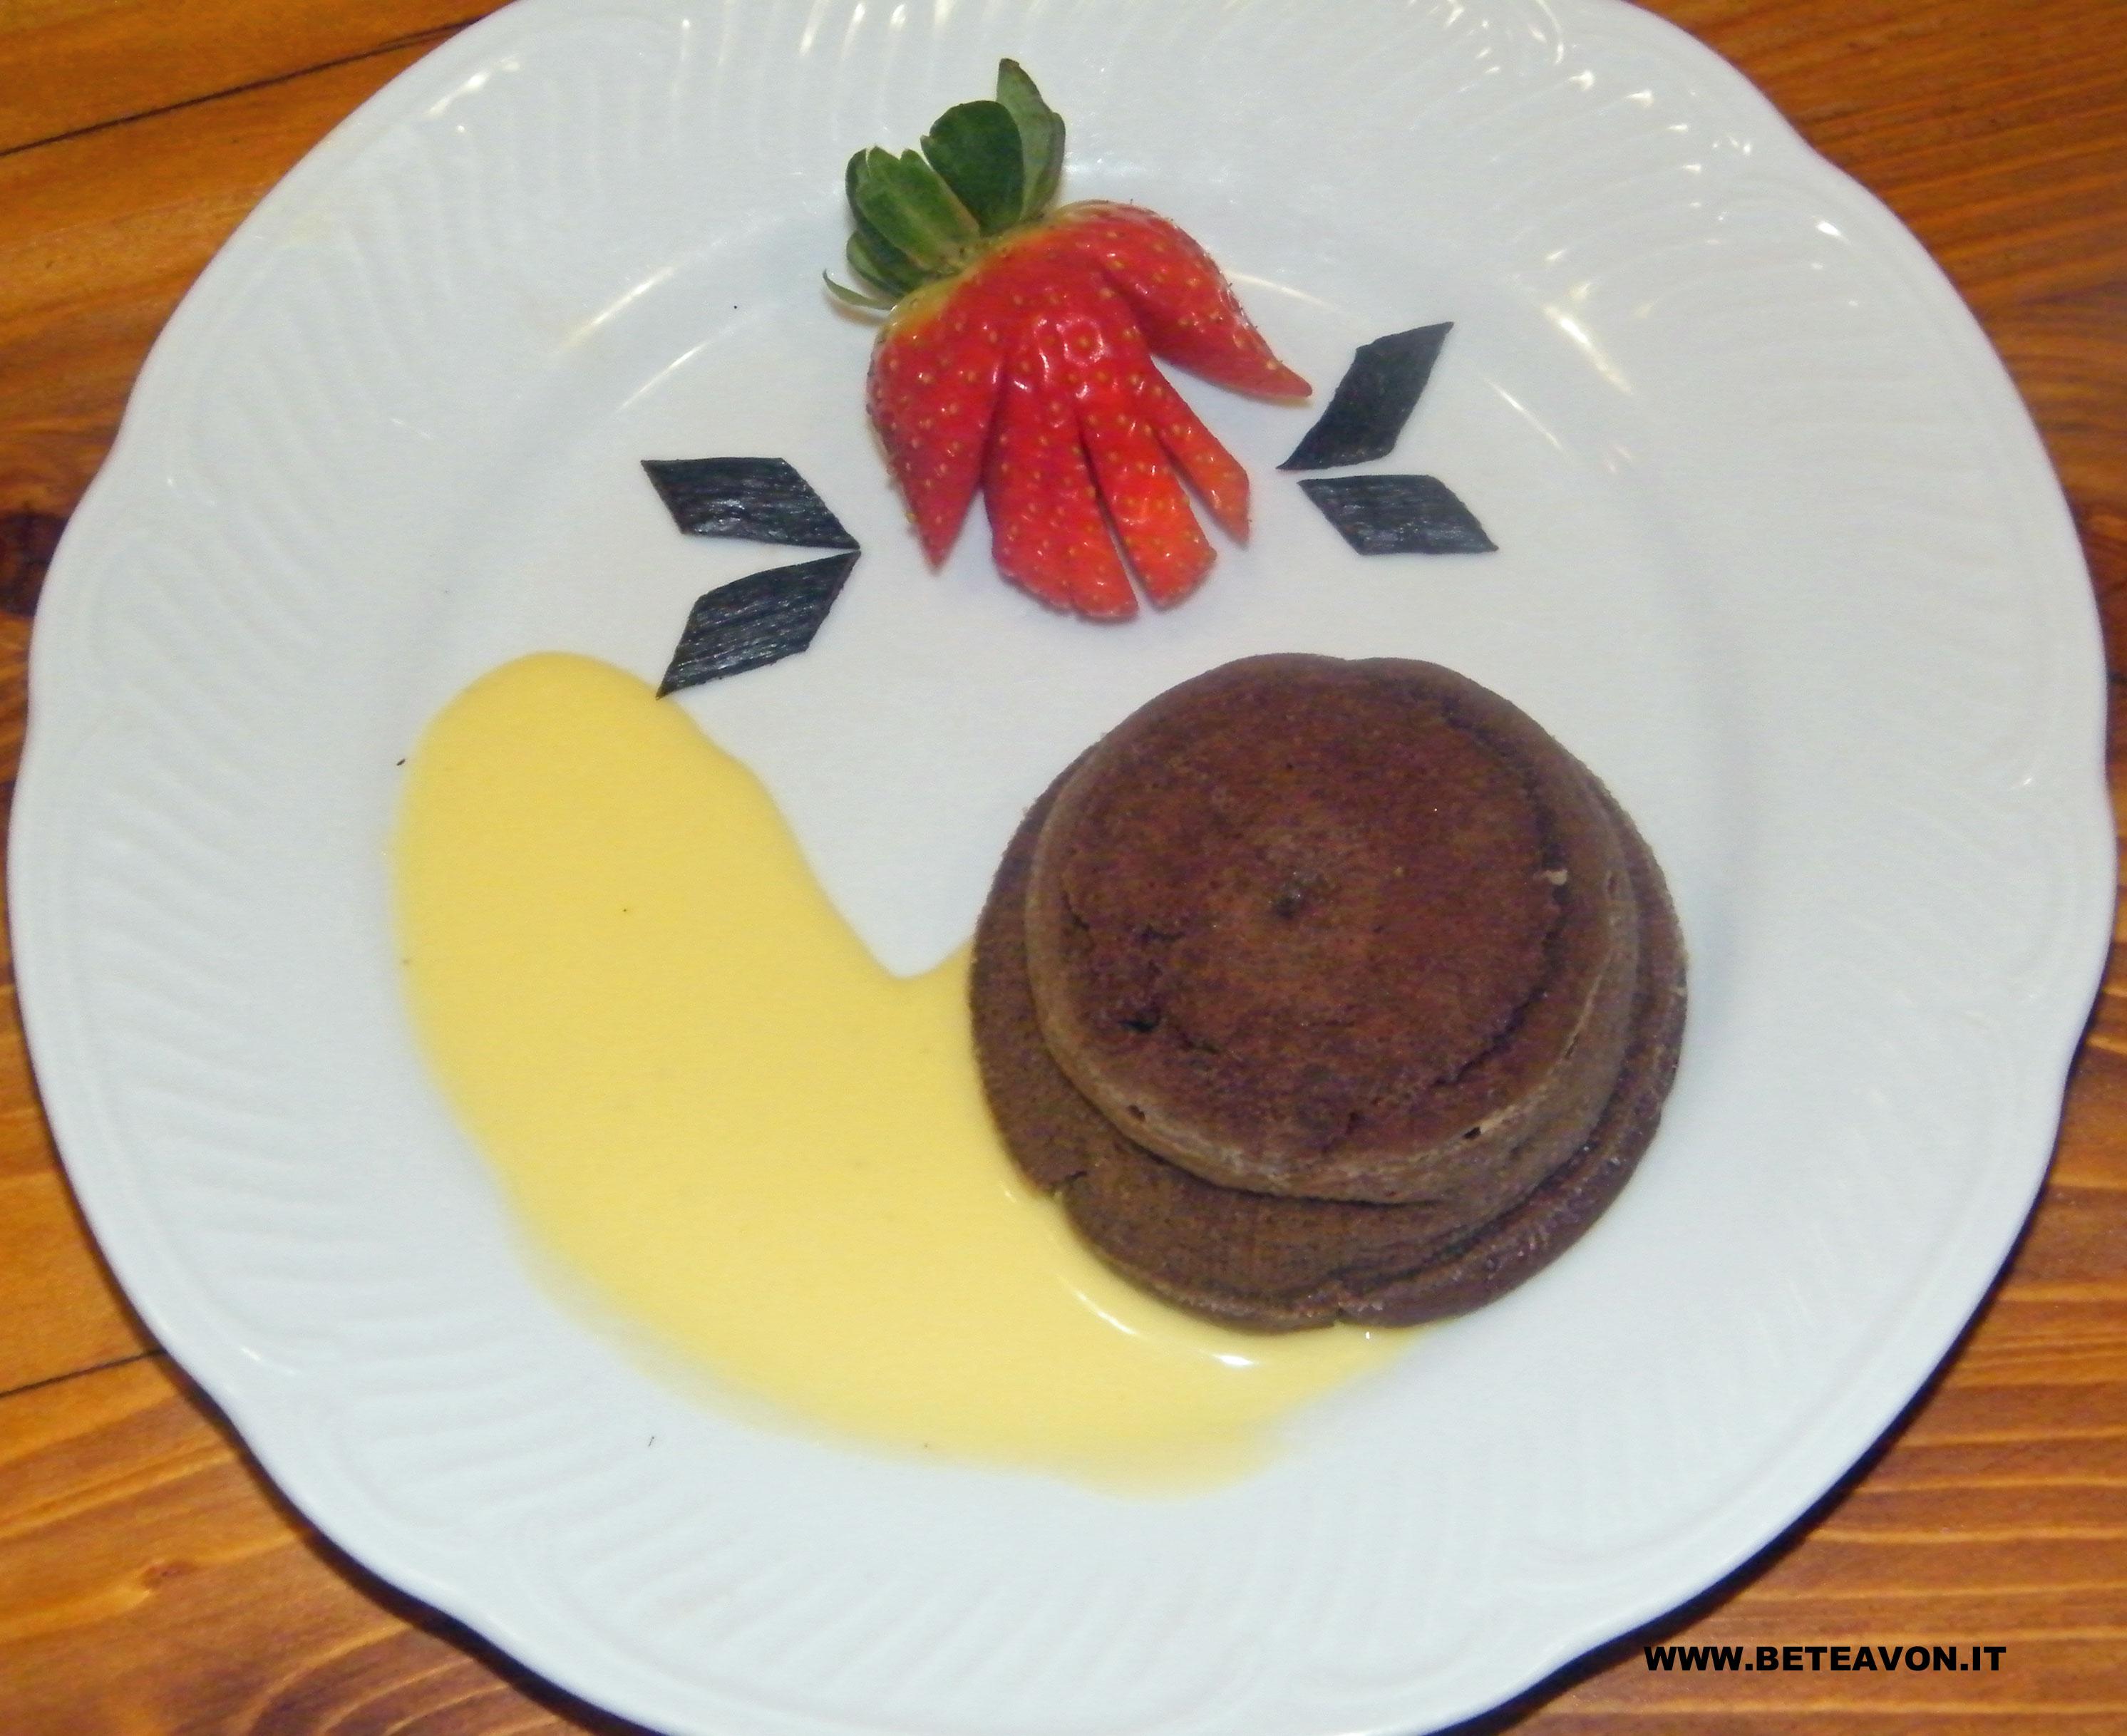 Cheesecake al cioccolato bianco ricette di cucina di misya - Cucina con misya ...